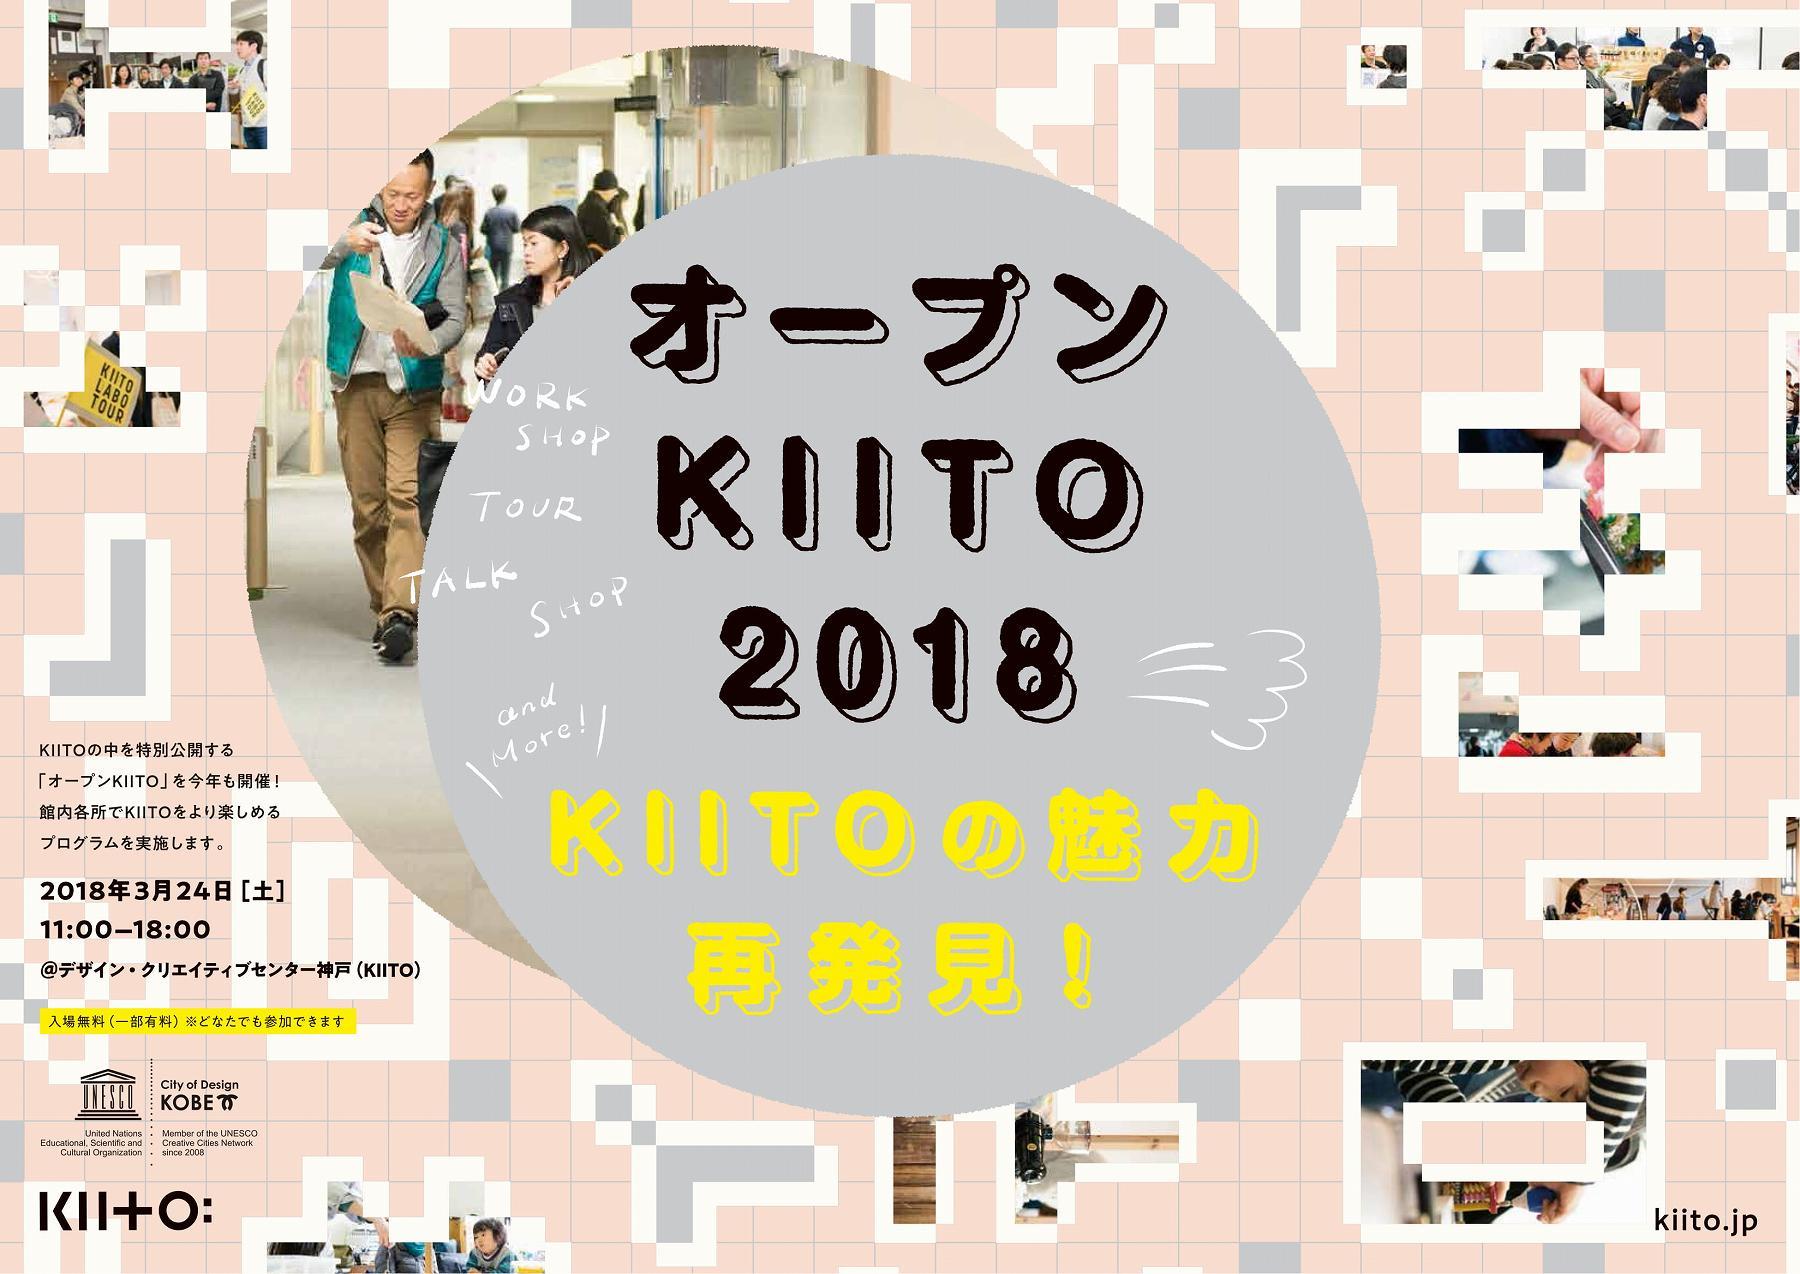 「オープンKIITO 2018」が3/24(土)、デザイン・クリエイティブセンター神戸で開催されるよ! #オープンKIITO #近代建築 #ワークショップ